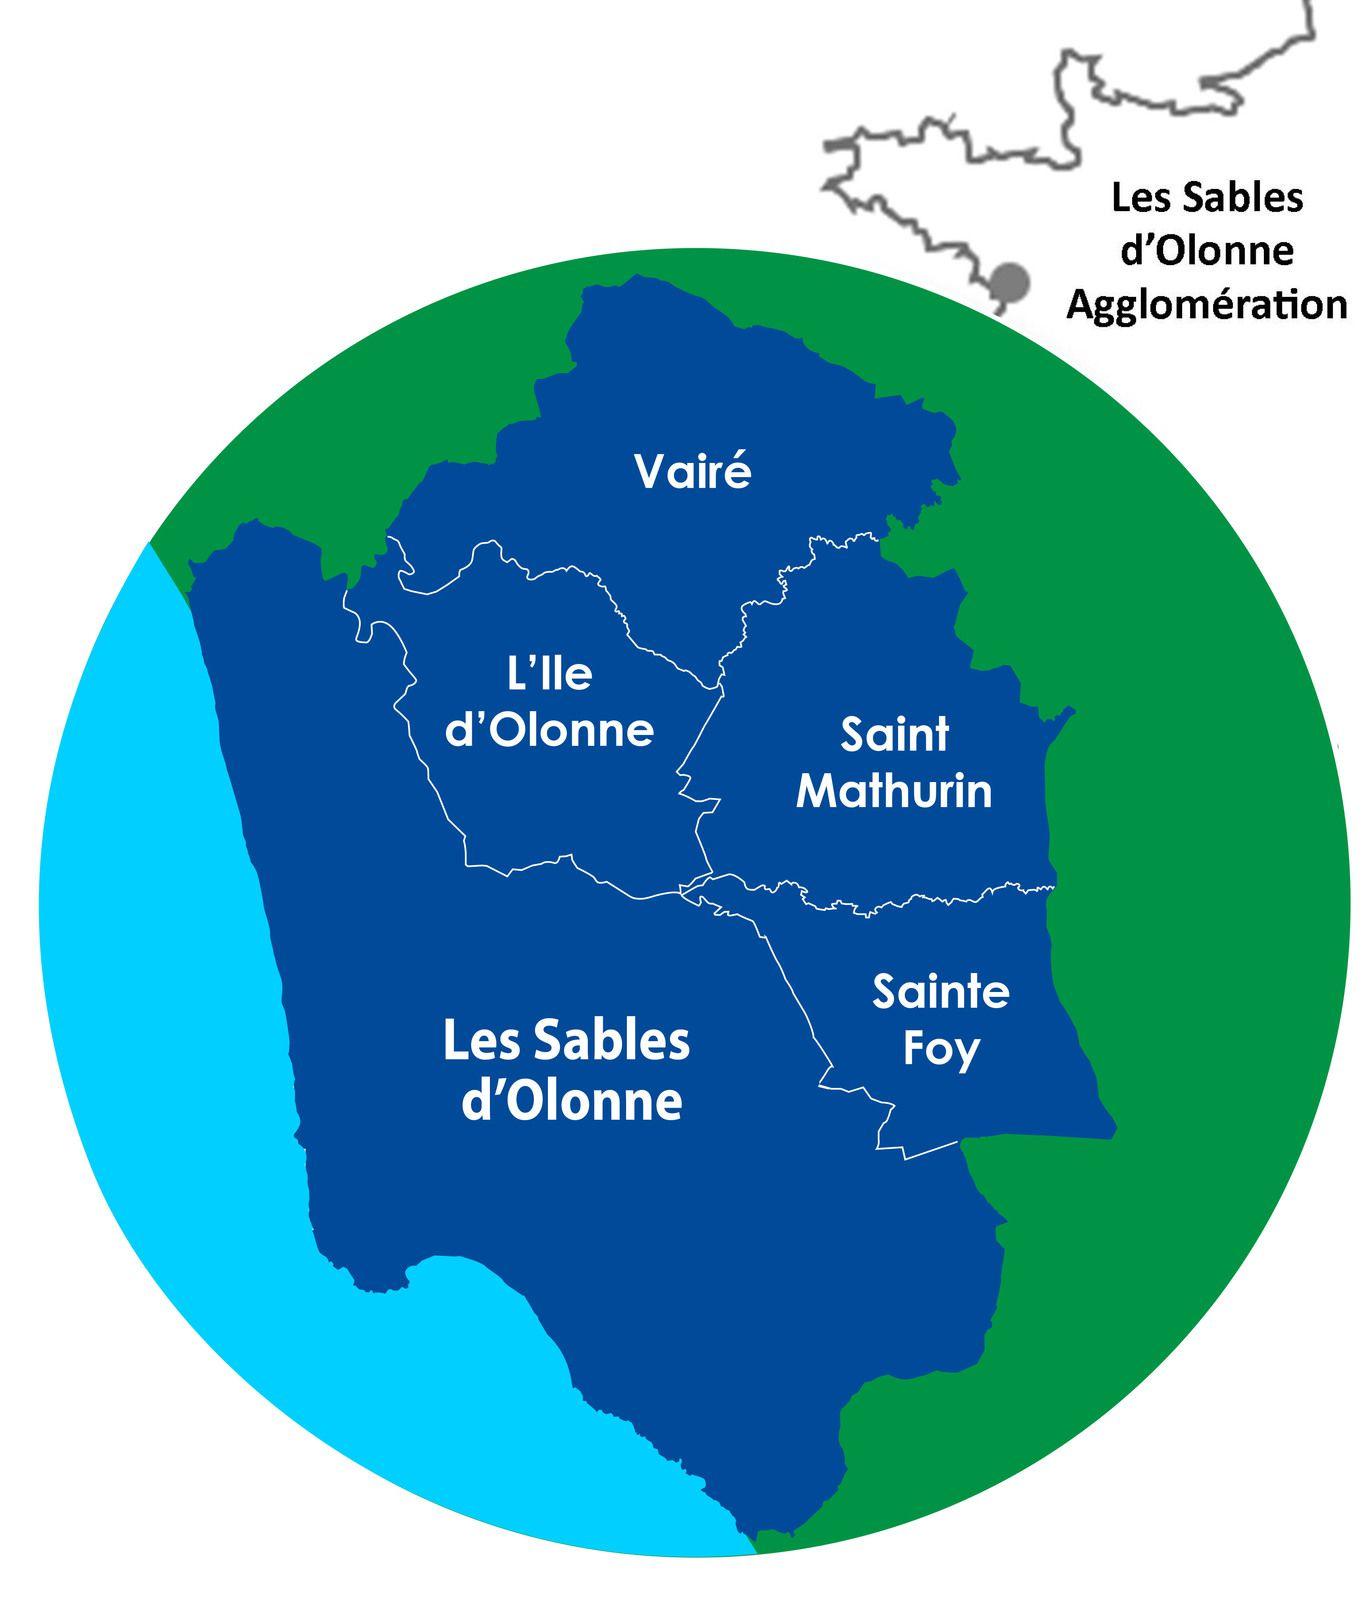 """LES 5 COMMUNES QUI COMPOSENT """"LES SABLES D'OLONNE AGGLOMÉRATION"""""""